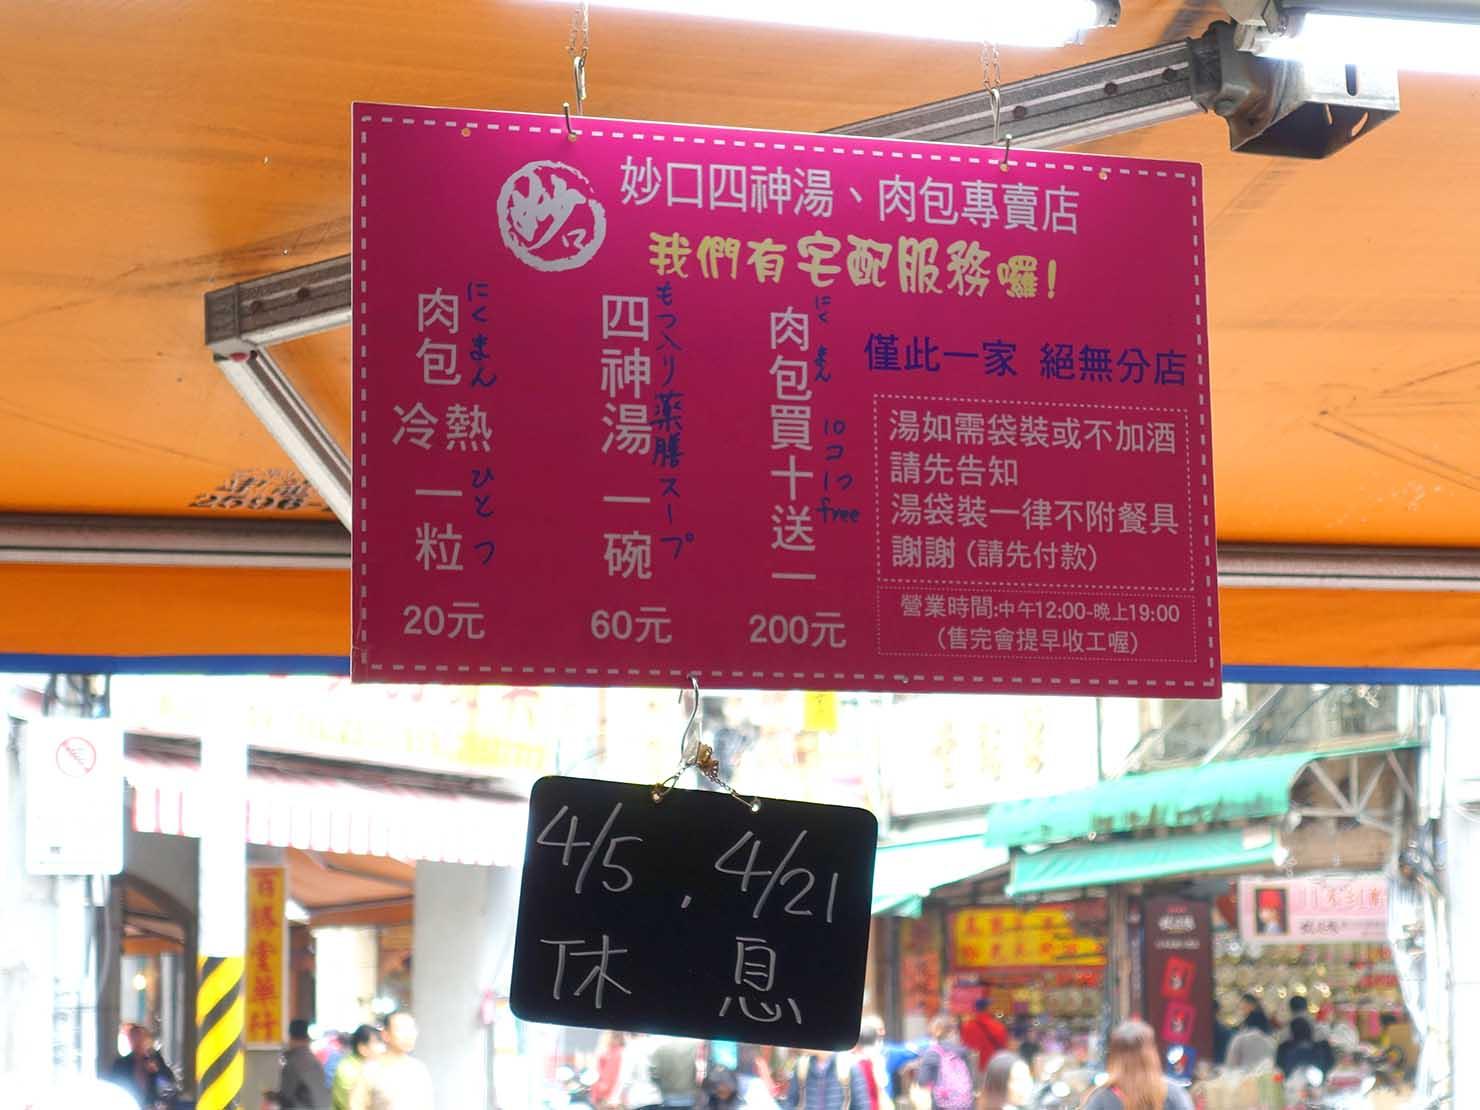 台北・迪化街の伝統グルメ店「妙口四神湯肉包」のメニュー